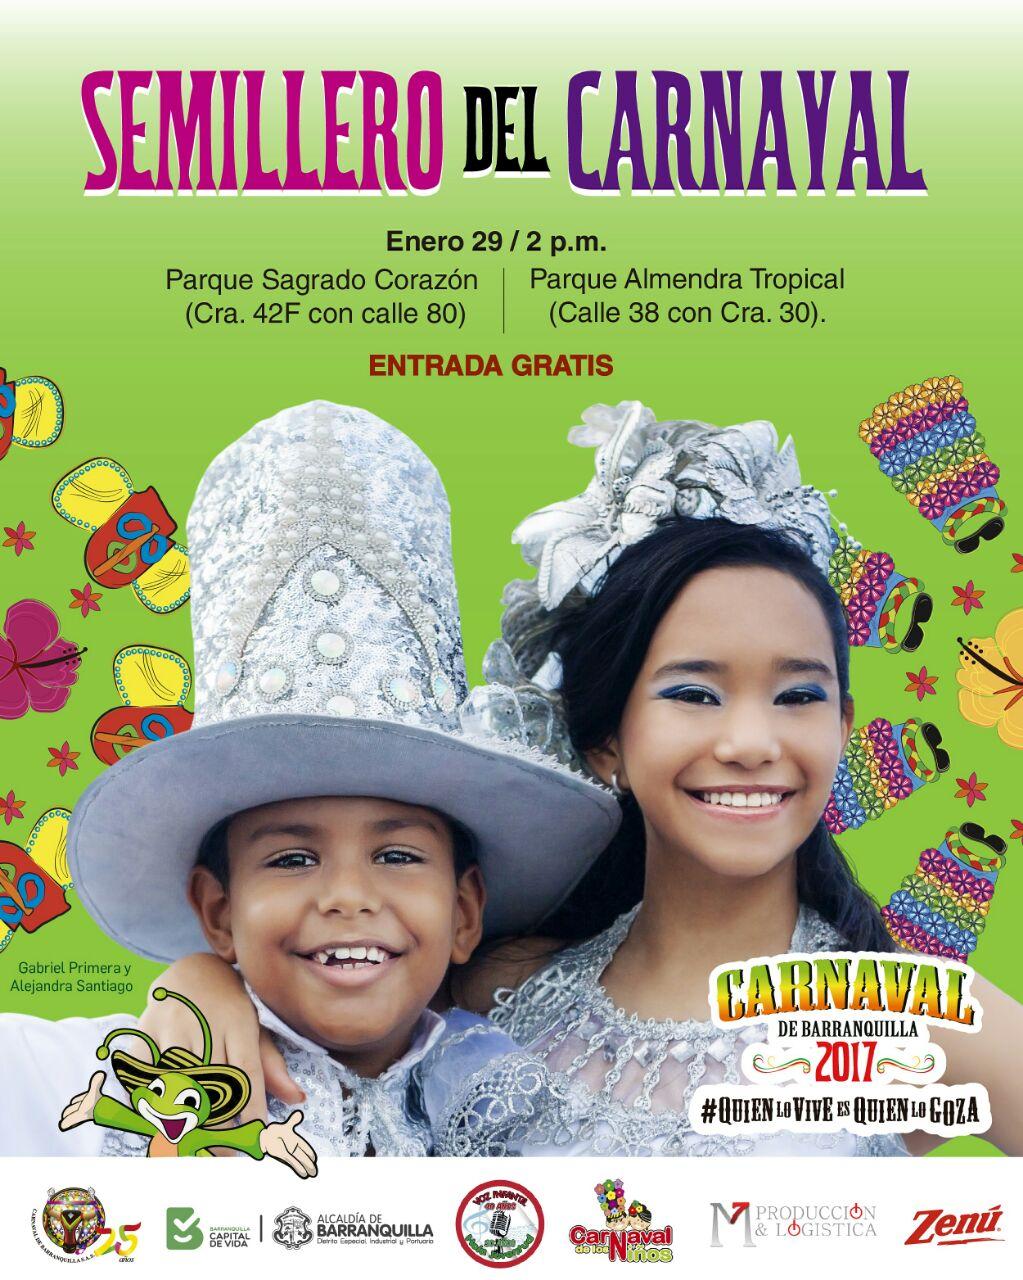 Que no muera la tradición, Semillero Del Carnaval hoy en el Parque Sagrado Corazón